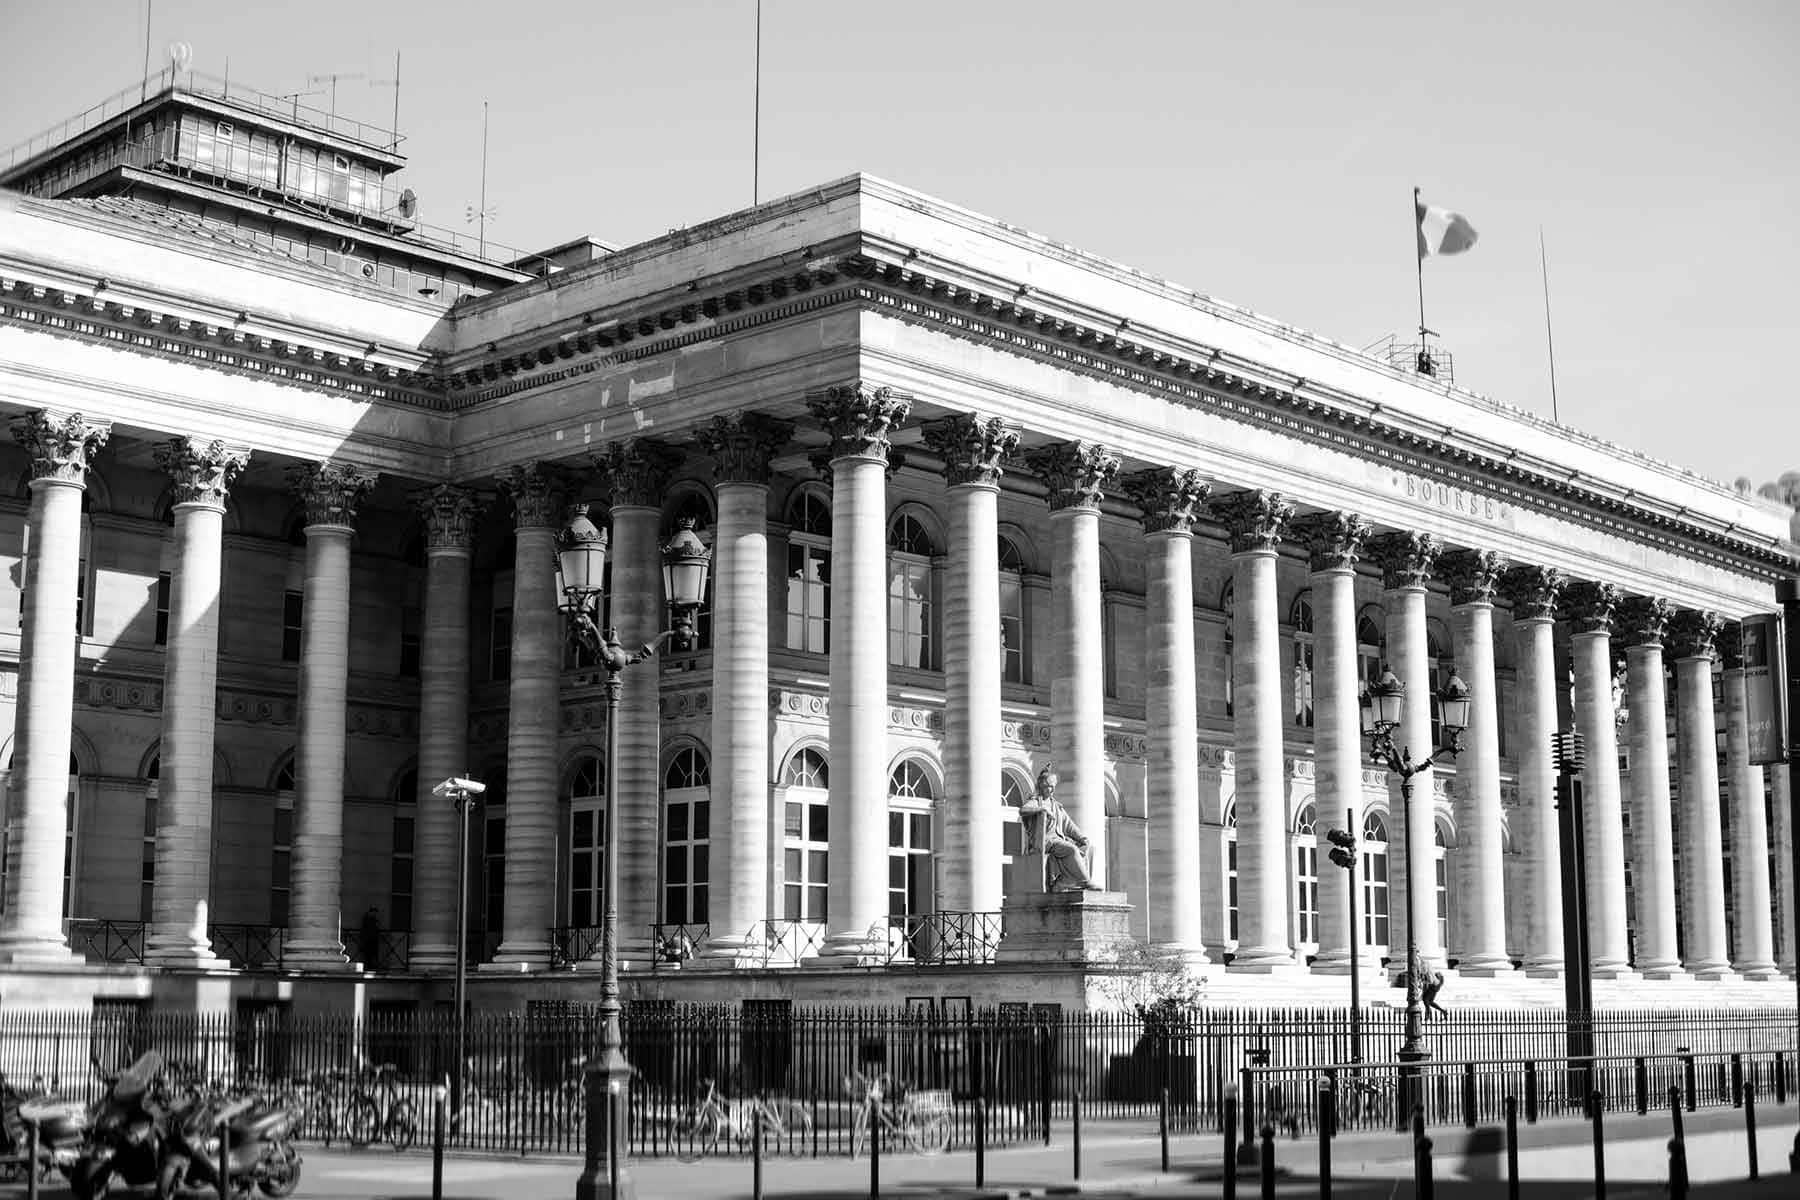 Cour de cassation - Social chamber